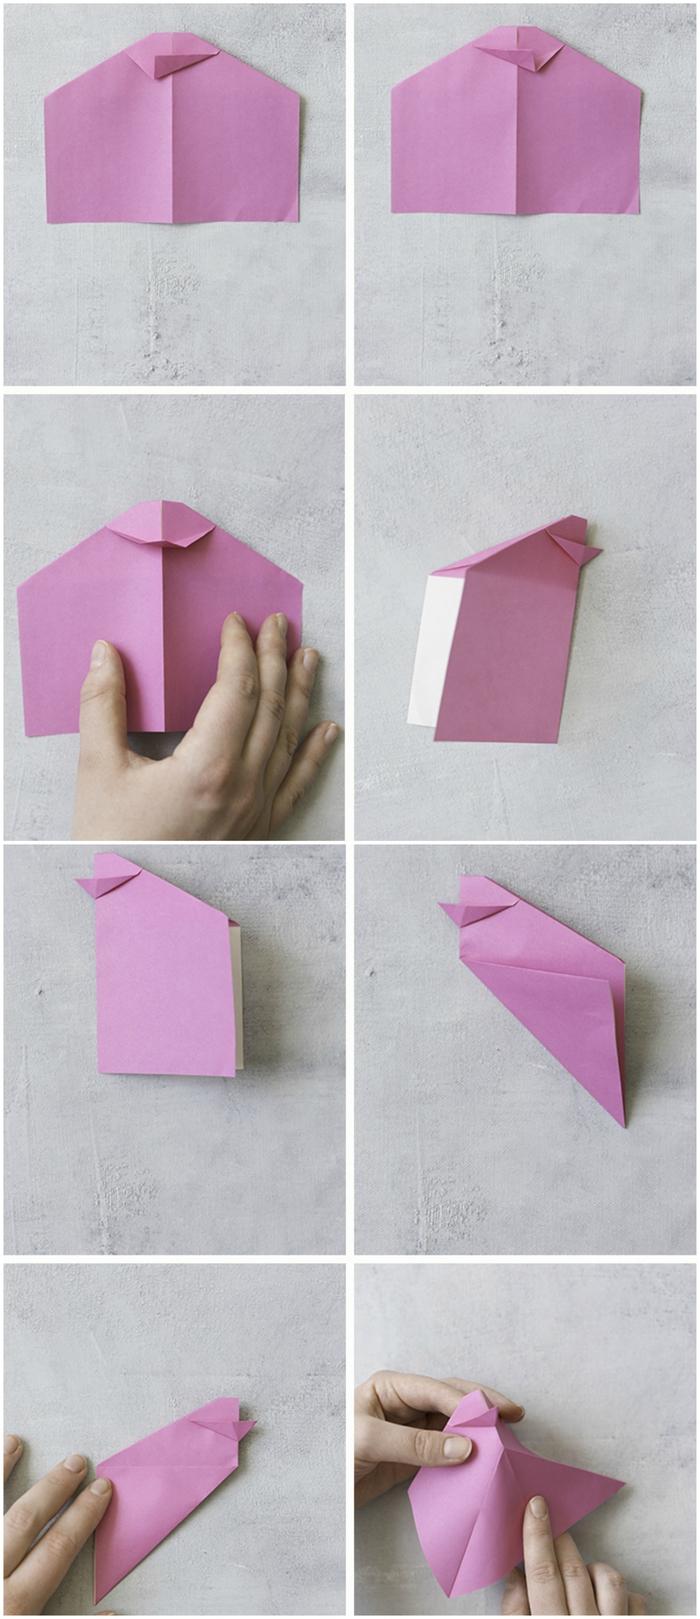 un modèle d'origami oiseau coloré pour la déco d'une table festive, activité manuelle pour la fête de pâques